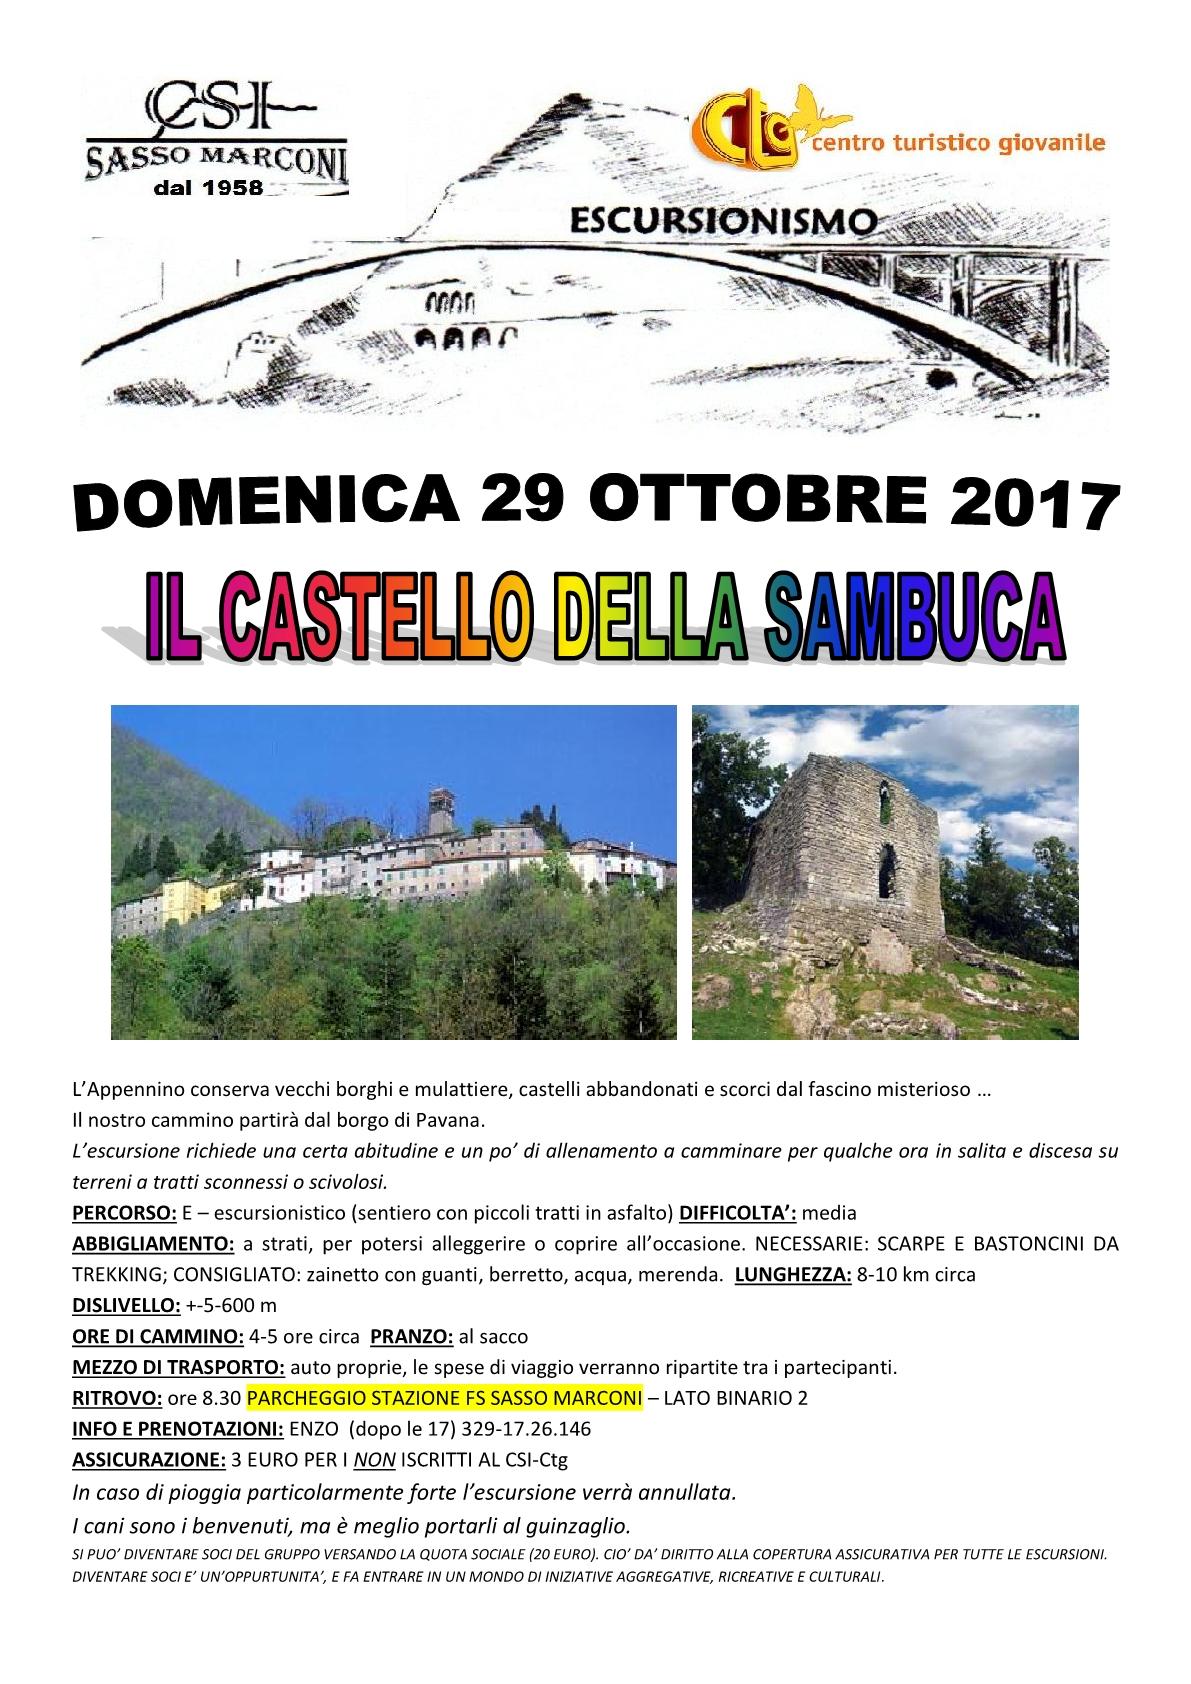 Escursione- IL CASTELLO DELLA SAMBUCA